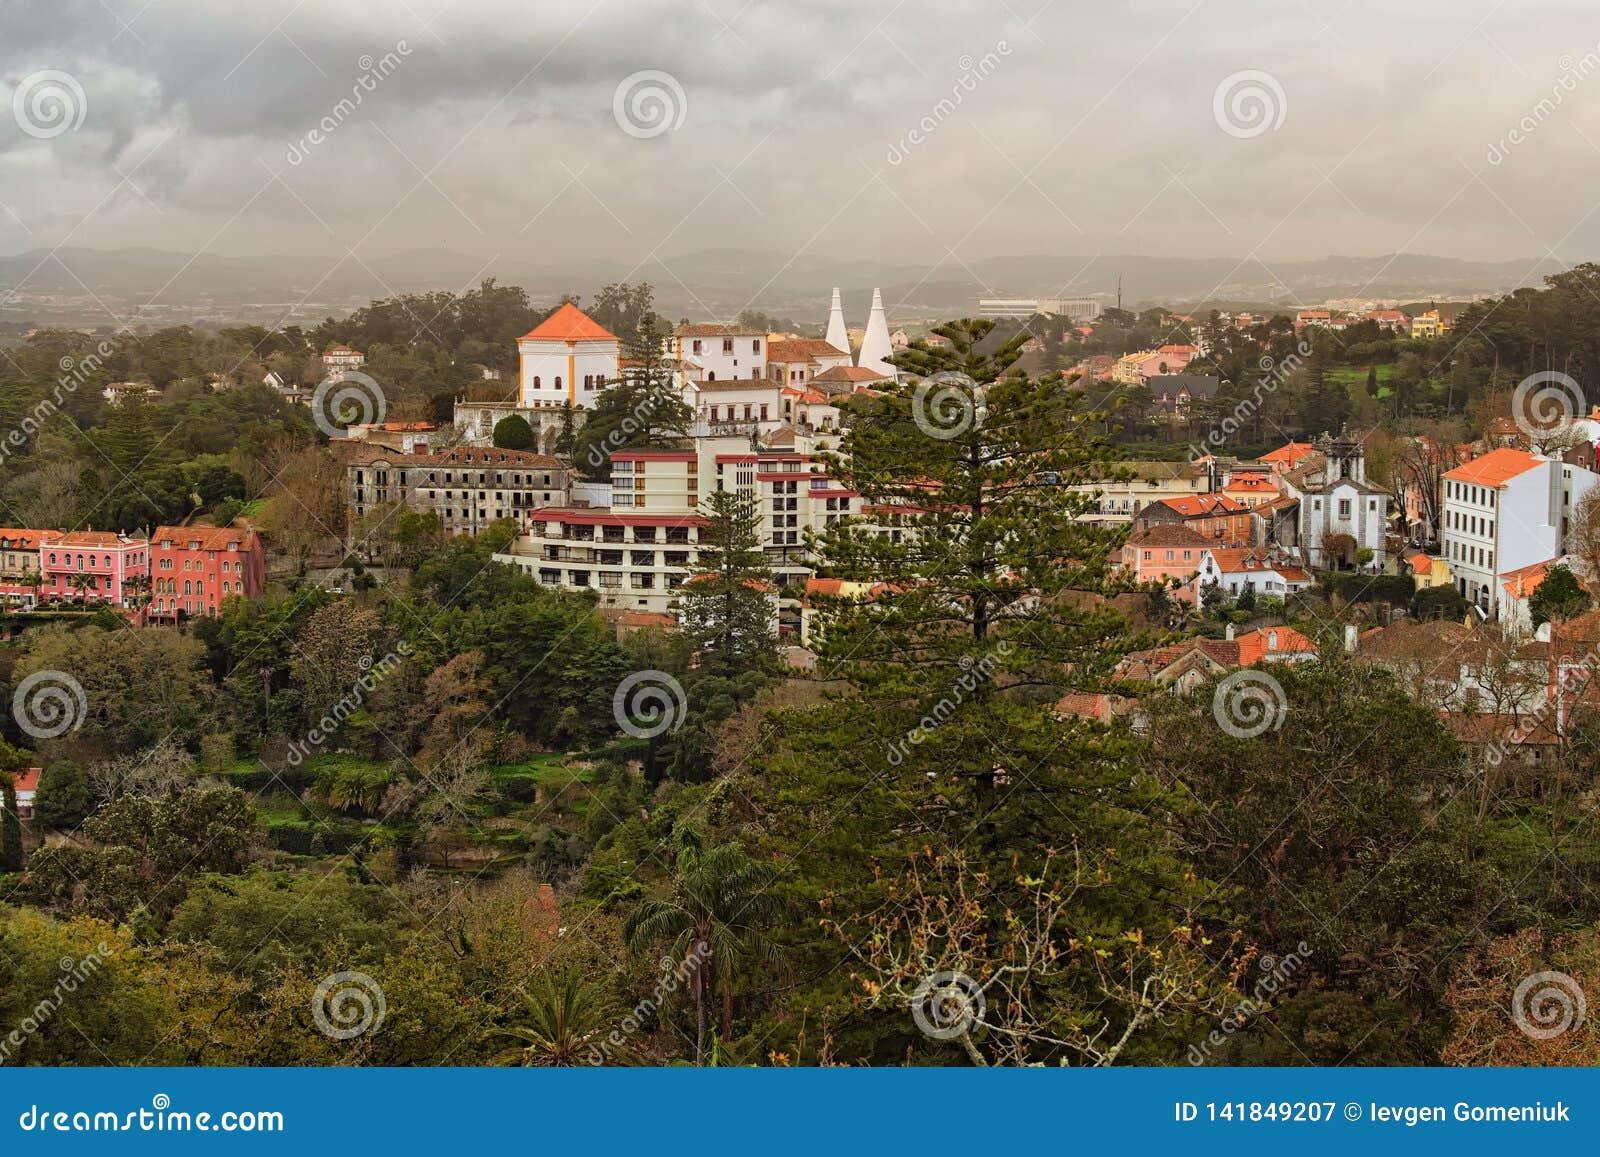 Foto hermosa del paisaje de Sintra medieval y naturaleza imponente alrededor de ella Cielo dramático con las nubes tormentosas